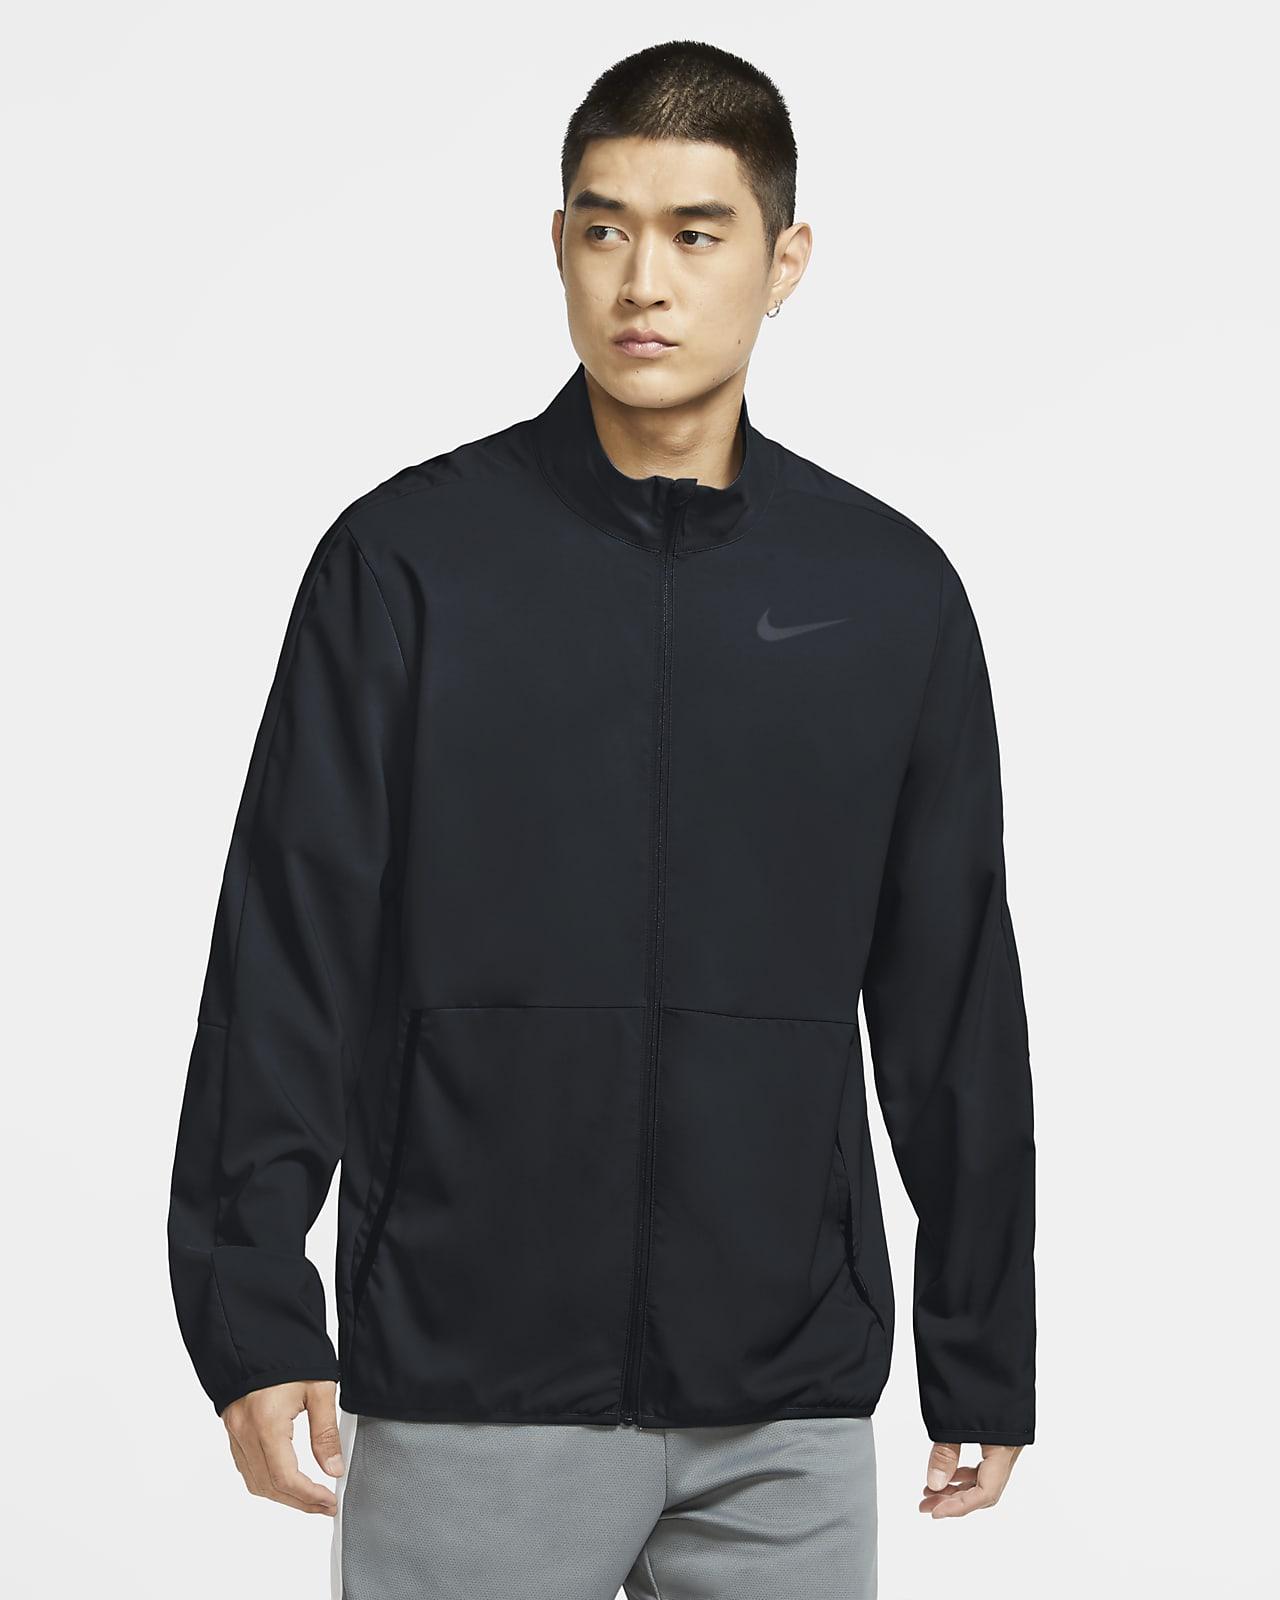 Chamarra de entrenamiento tejida para hombre Nike Dri-FIT